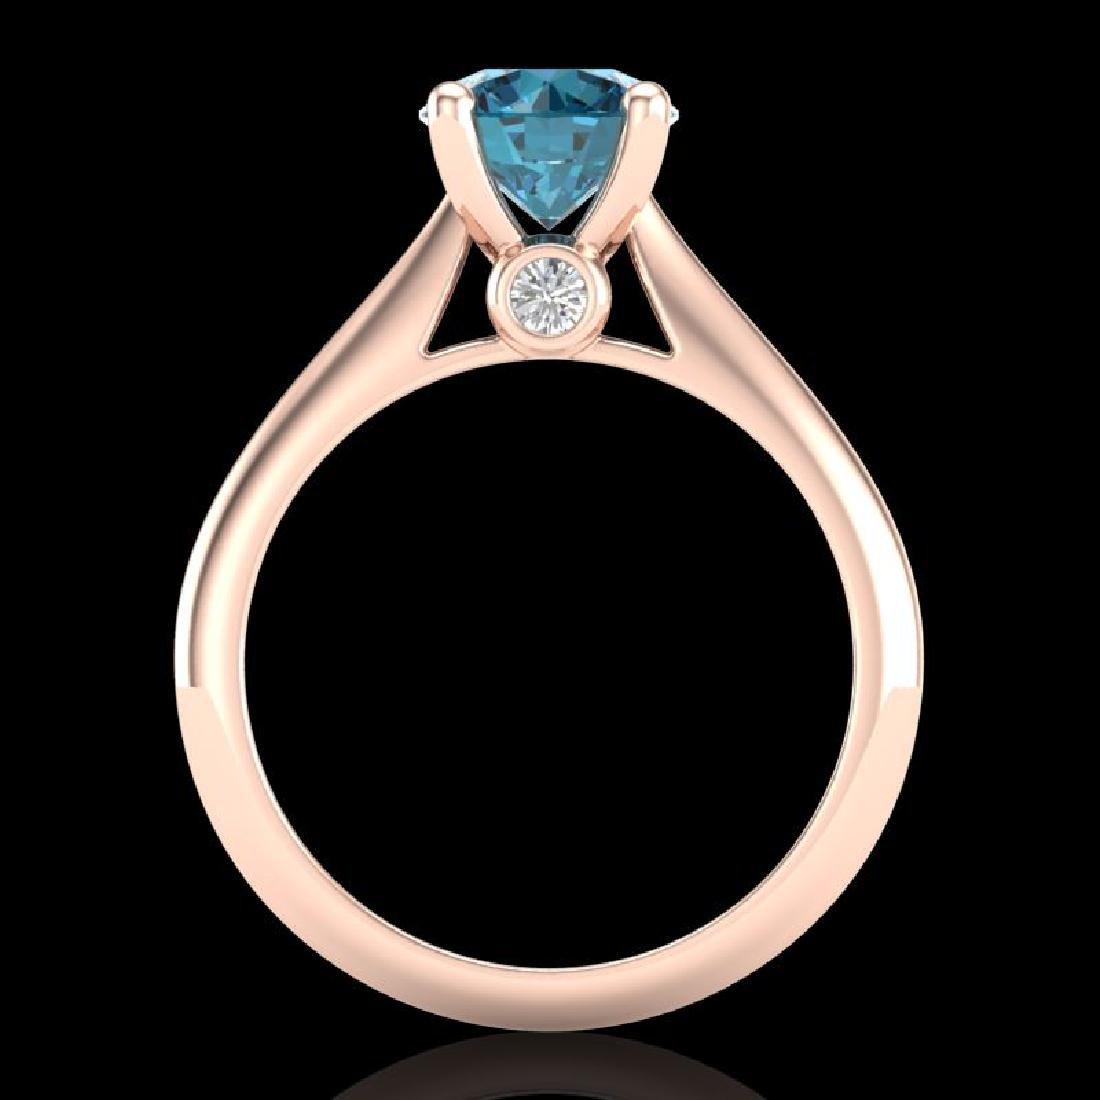 1.6 CTW Intense Blue Diamond Solitaire Engagement Art - 3